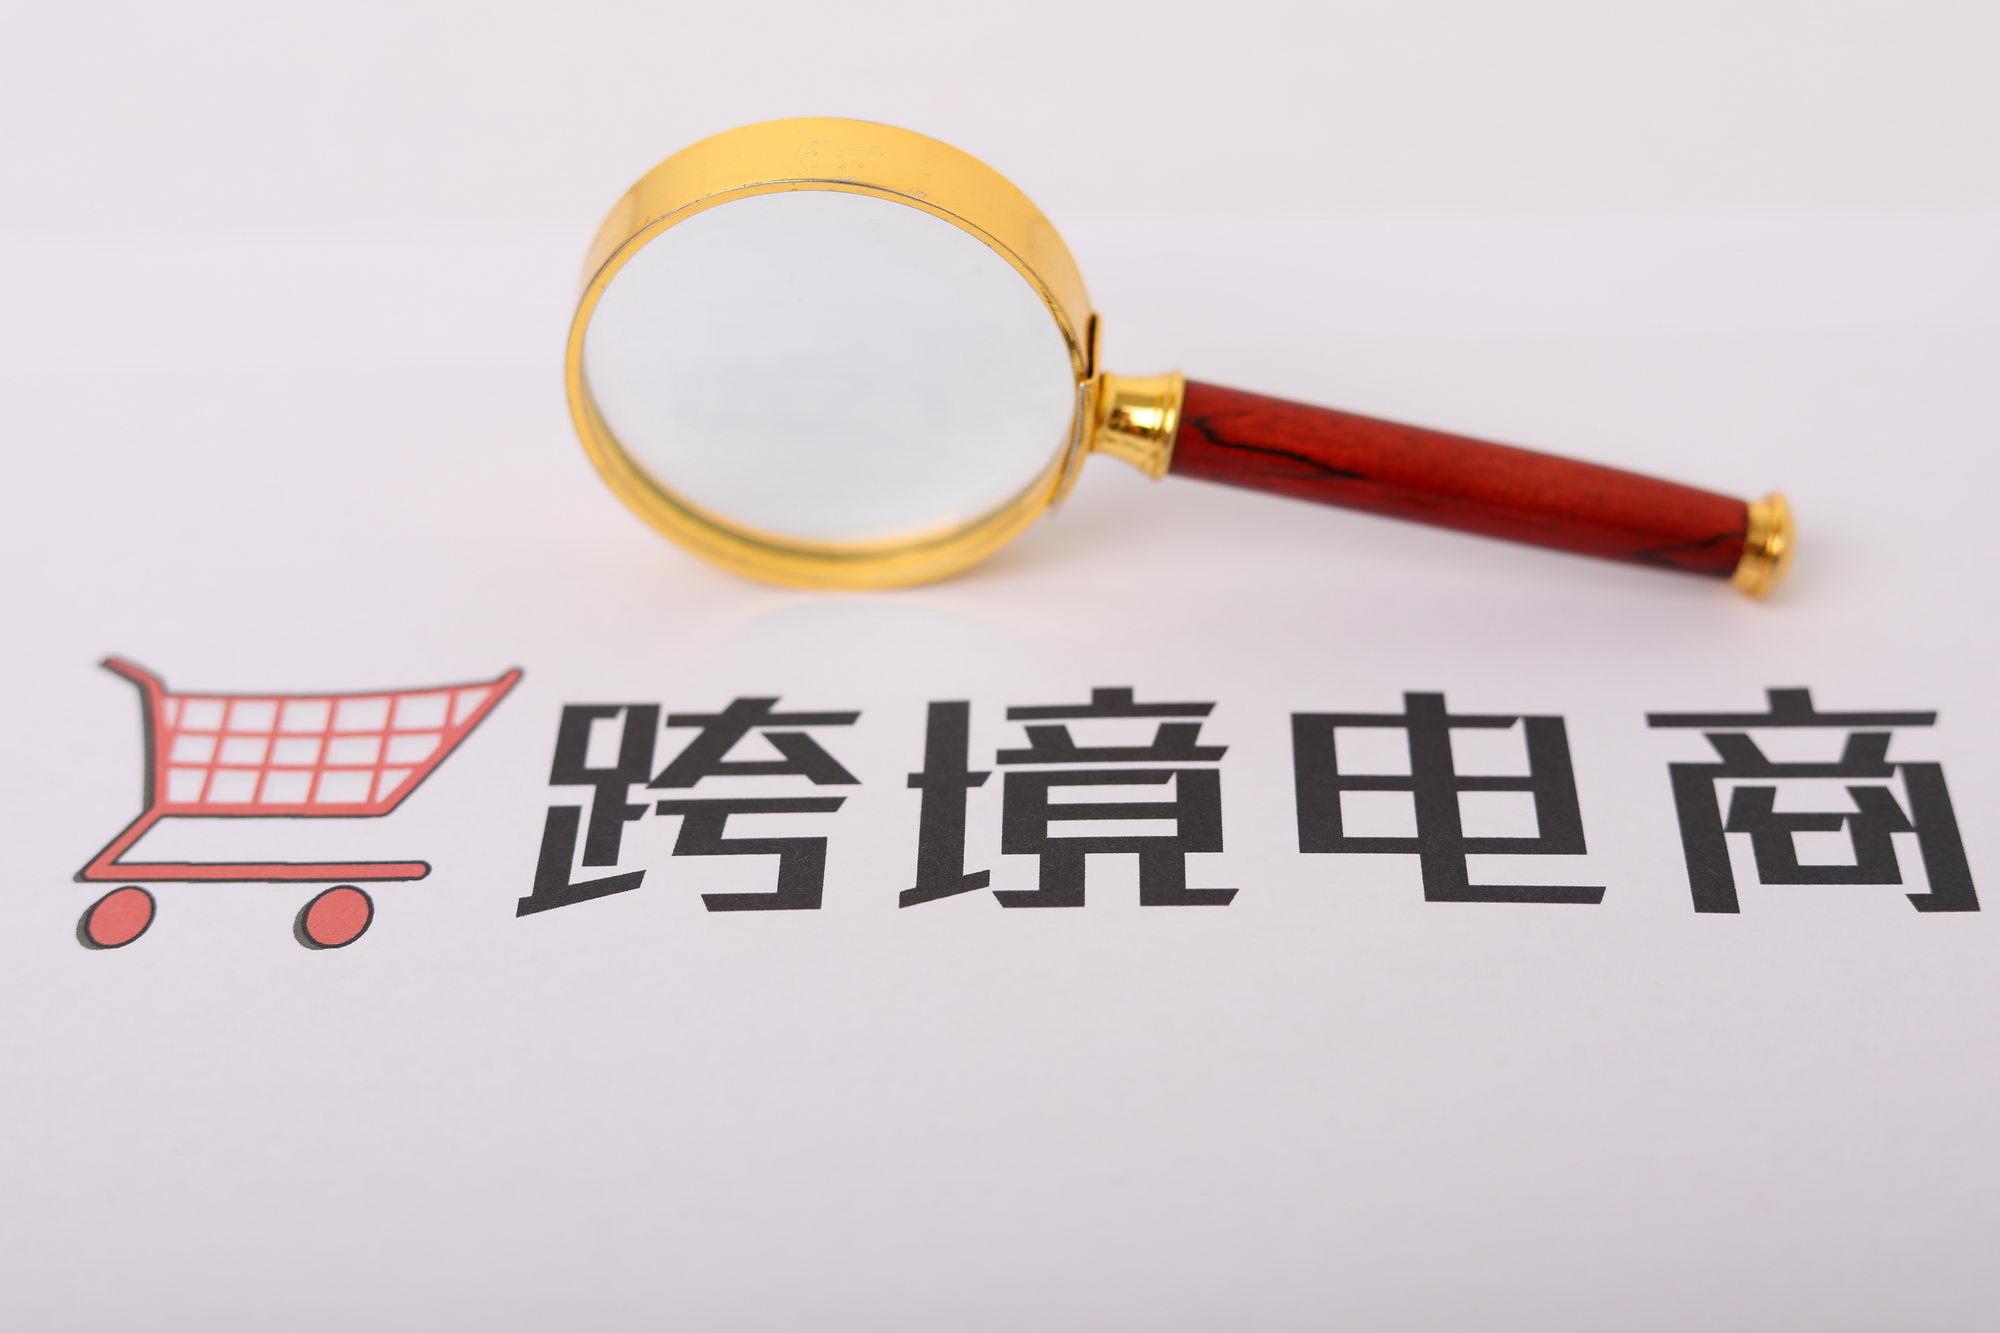 国家外汇管理局支持贸易新业态 跨境电商政策迎利好_跨境电商_电商报